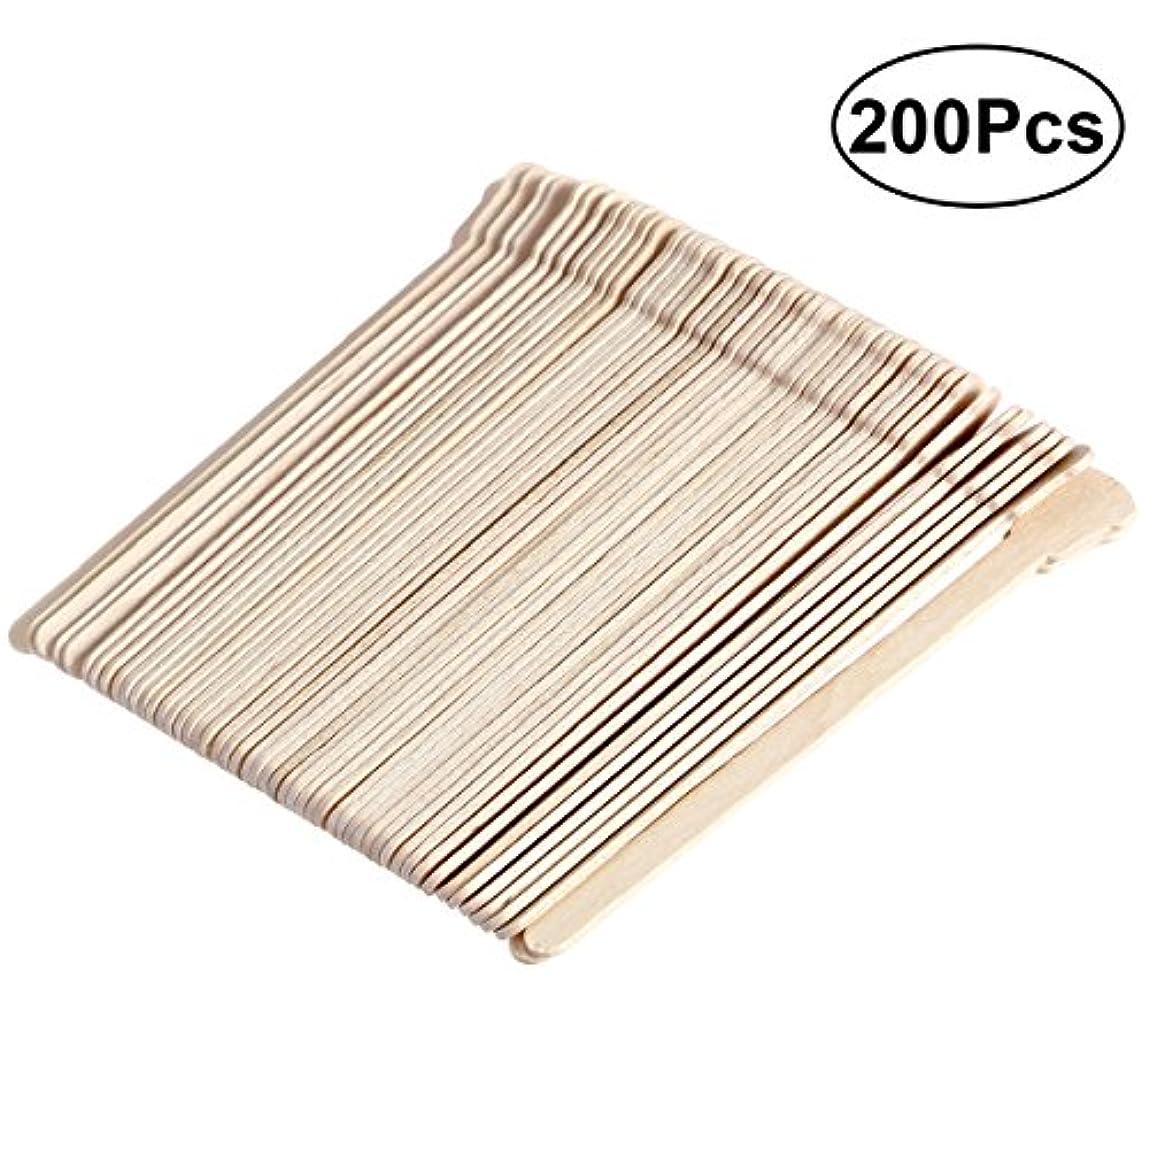 温度ベッツィトロットウッド苦痛SUPVOX 200ピース木製ワックススティックフェイス眉毛ワックスへら脱毛(オリジナル木製色)